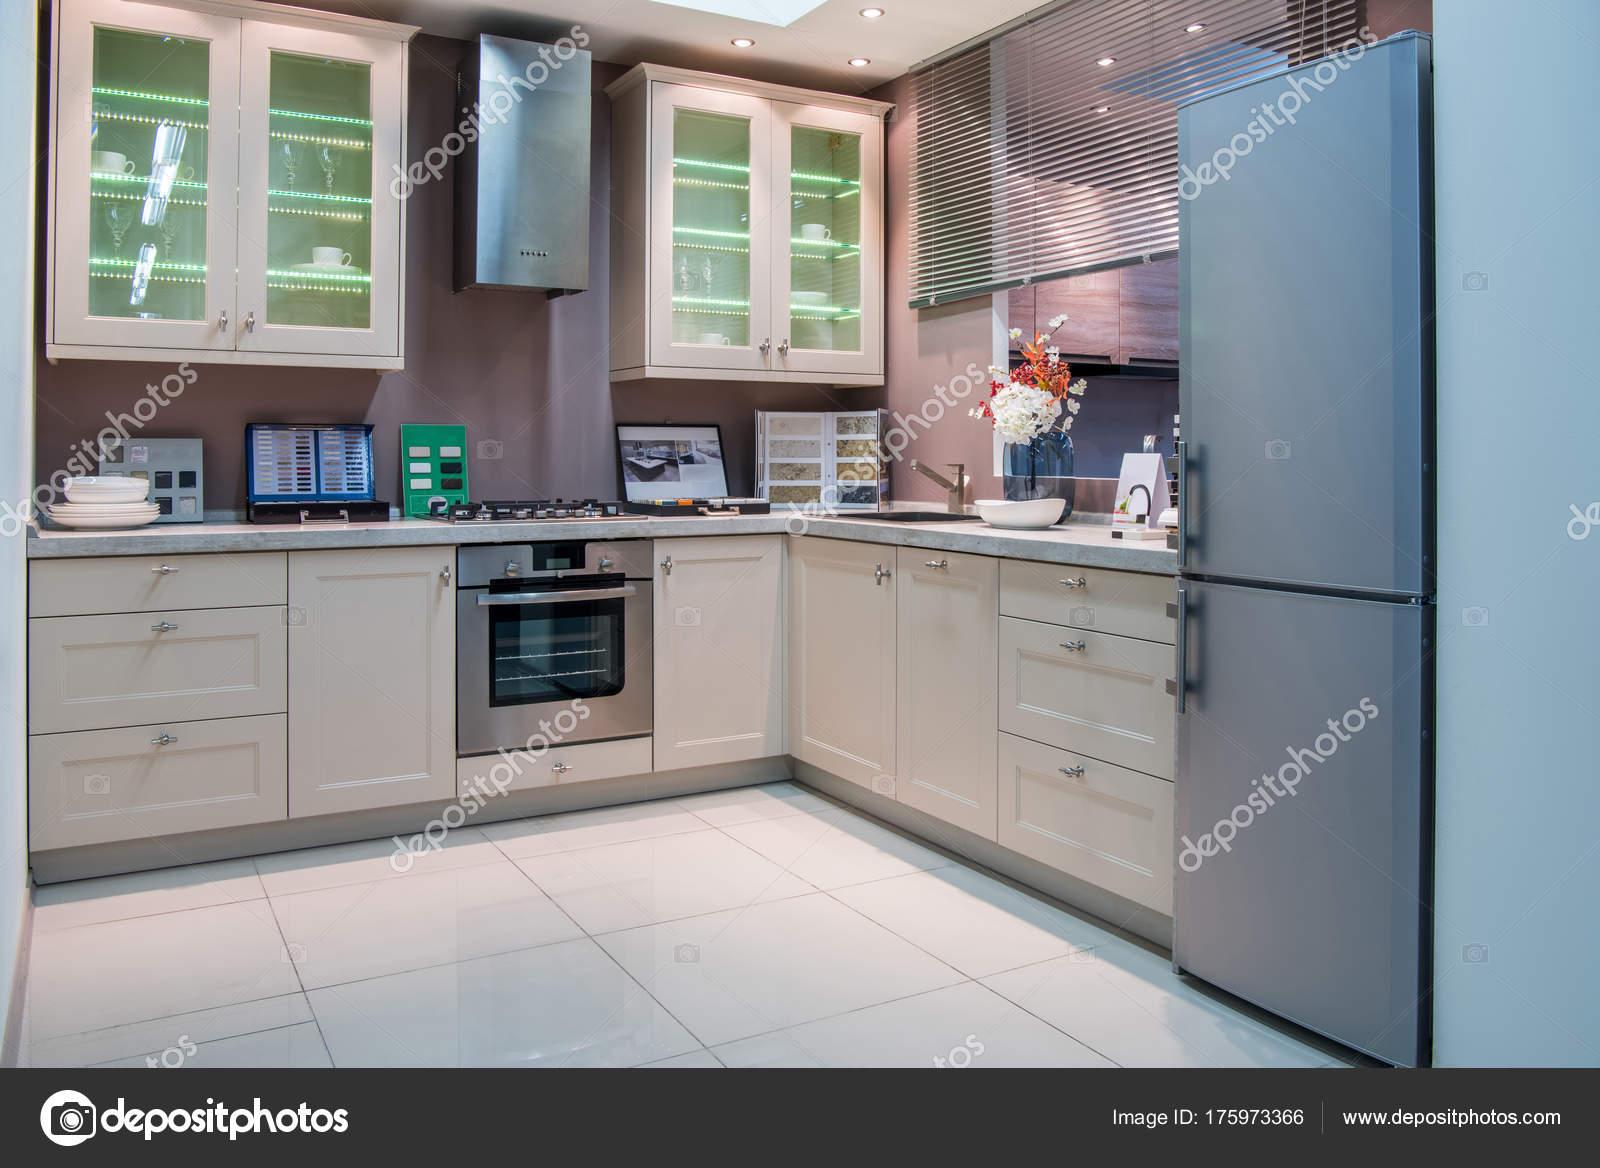 moderne keuken interieur met grijze koelkast stockfoto